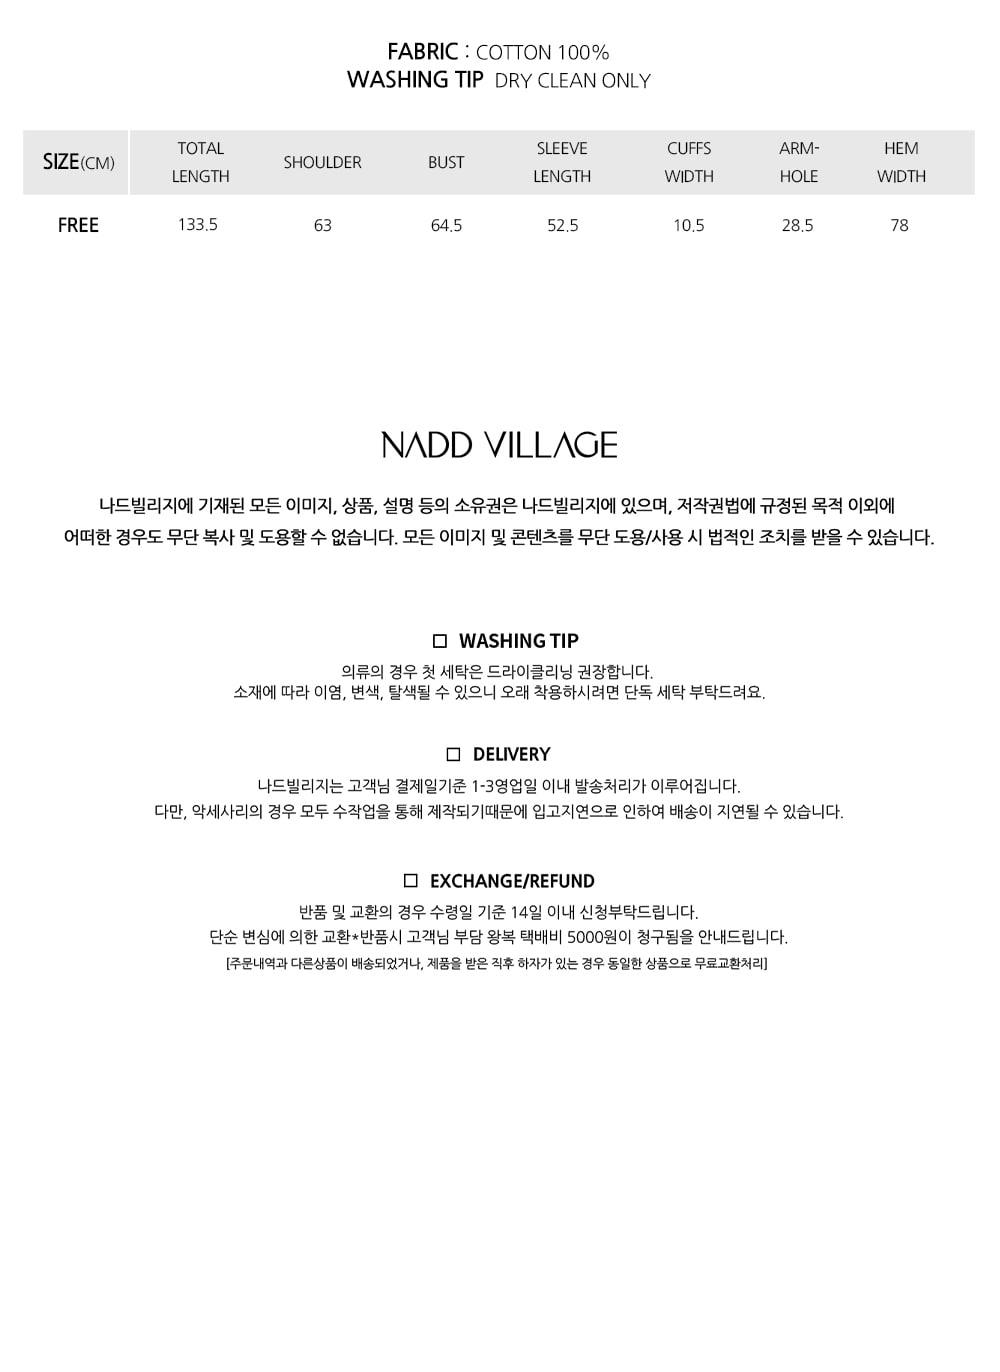 나드빌리지(NADD VILLAGE) 코제트 트렌치코트 - 블랙